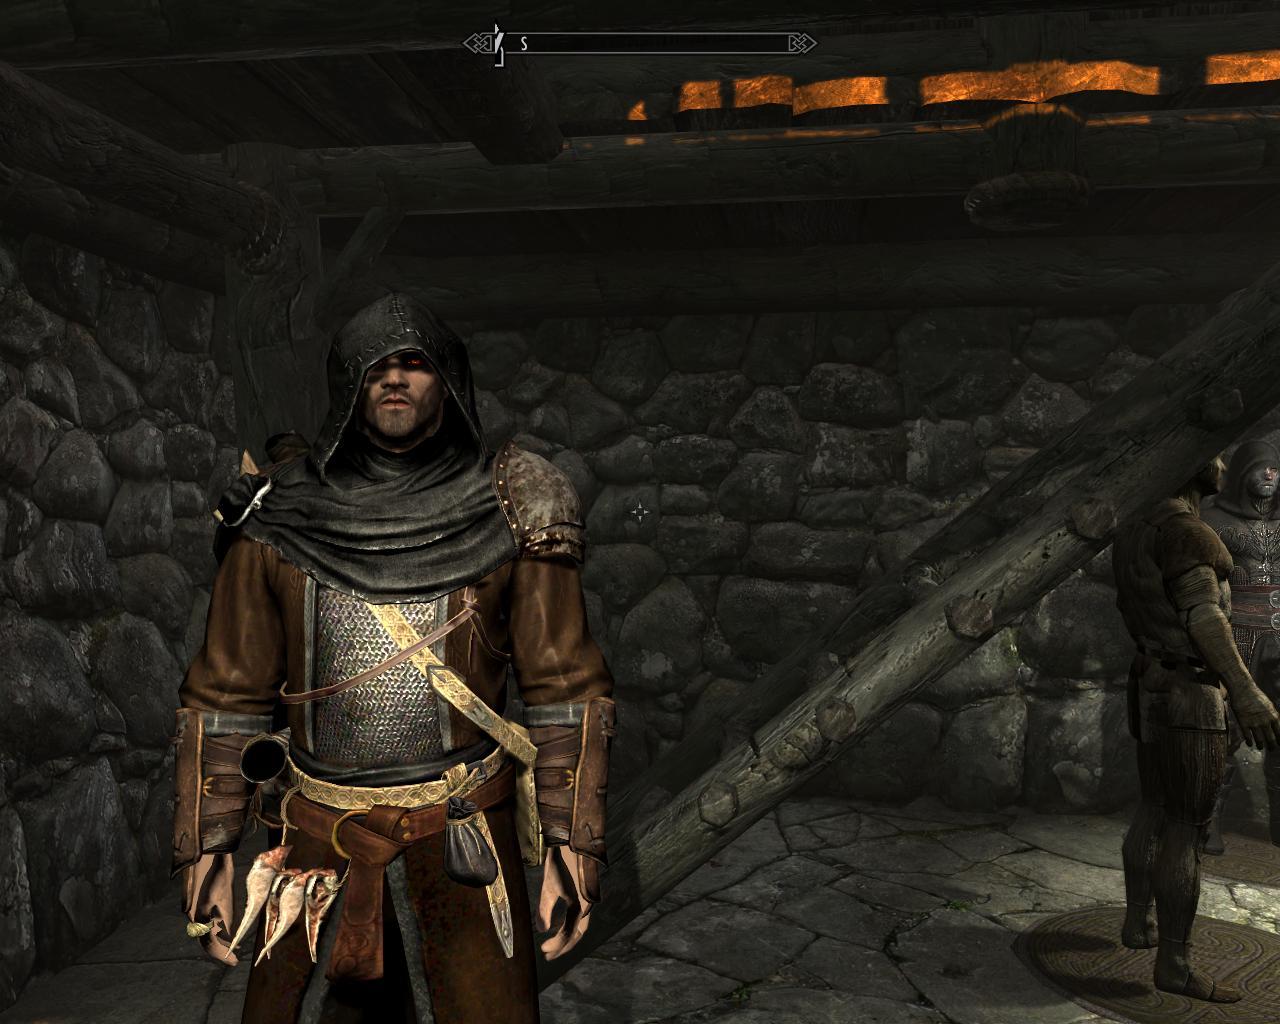 Скачать мод для скайрим нордская броня лучника